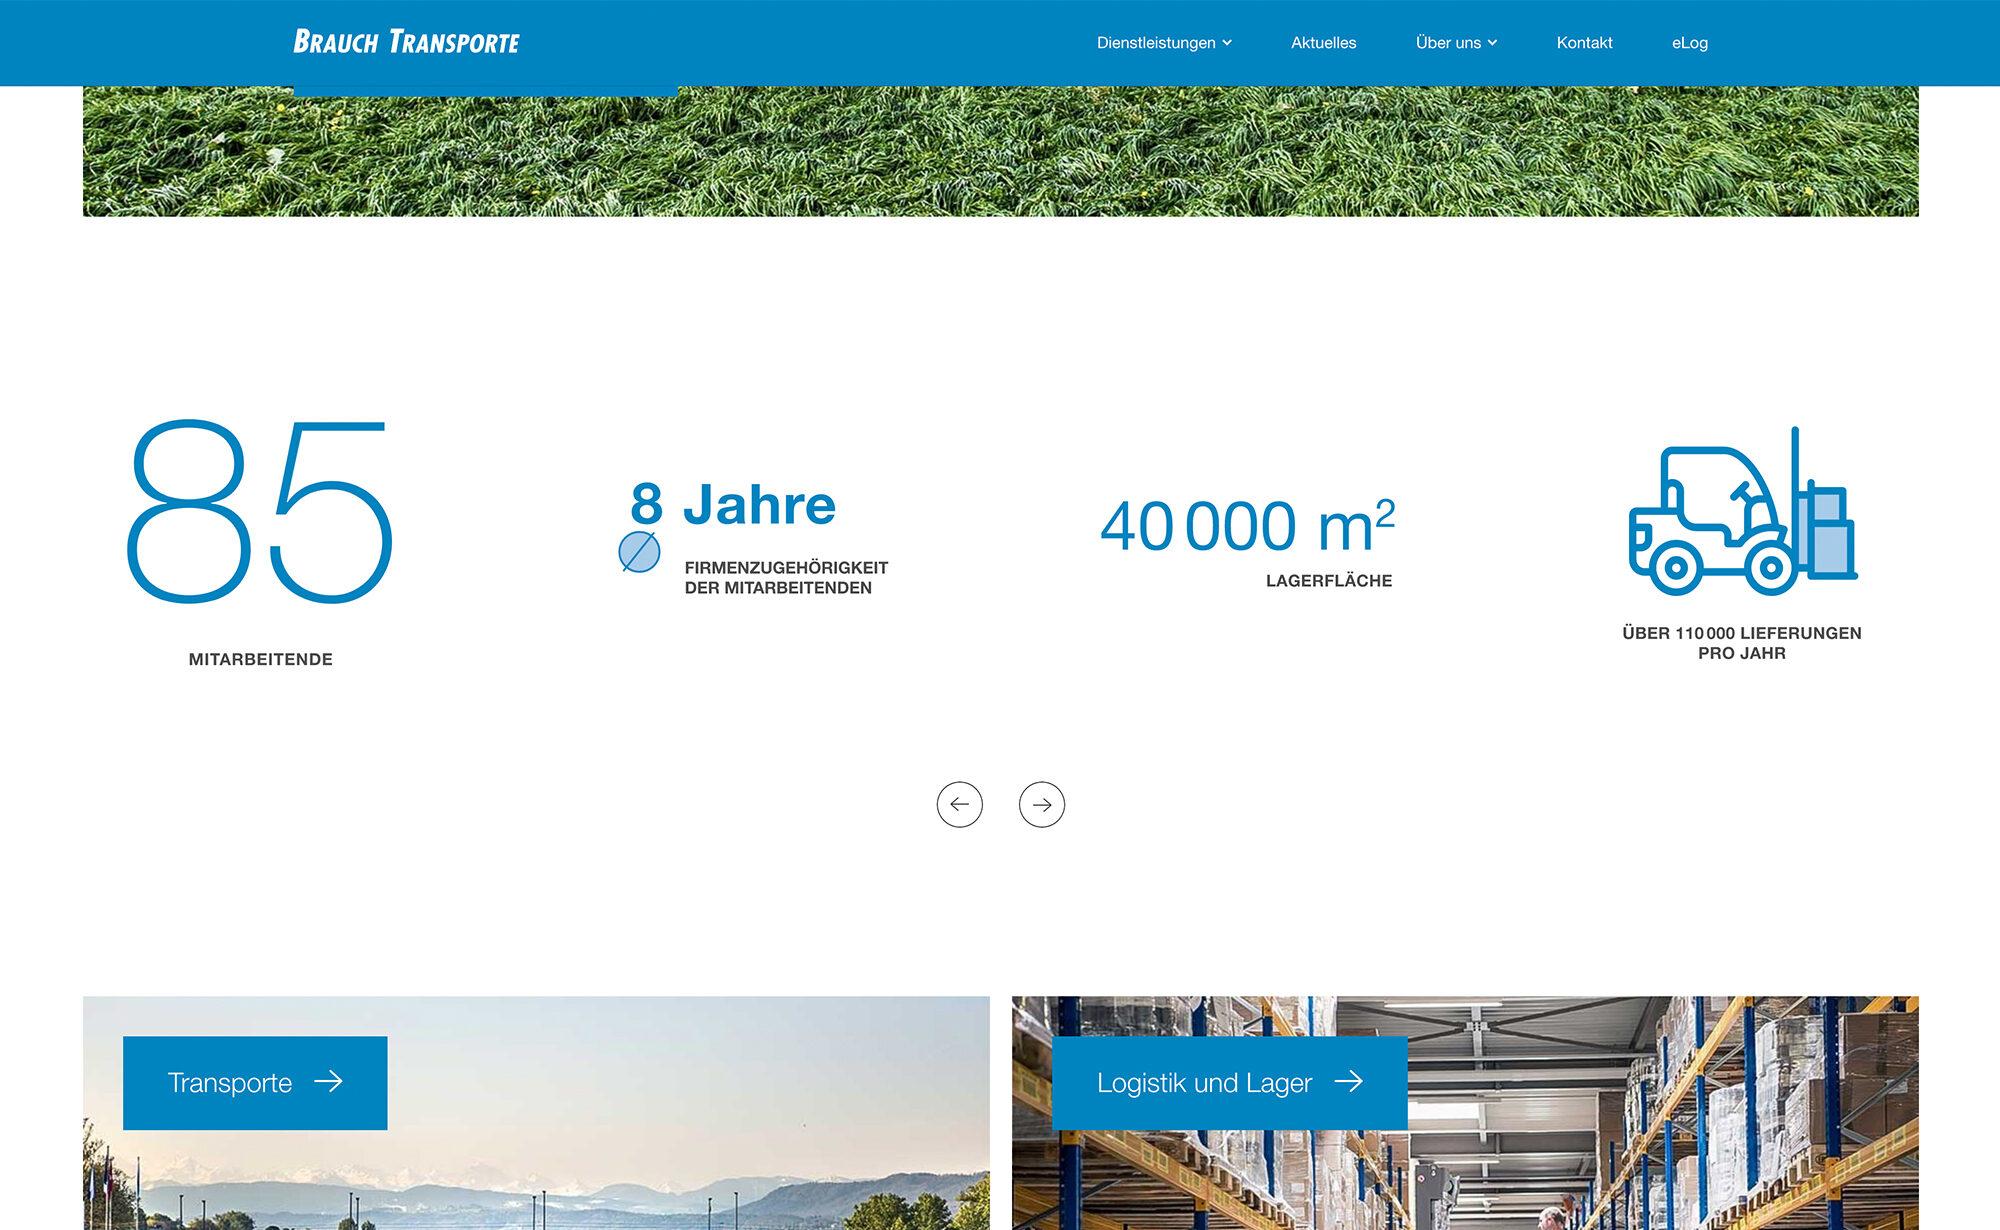 Zahlen und Fakten, Website Screenshot – Brauch Transport AG, brauch-transporte.ch